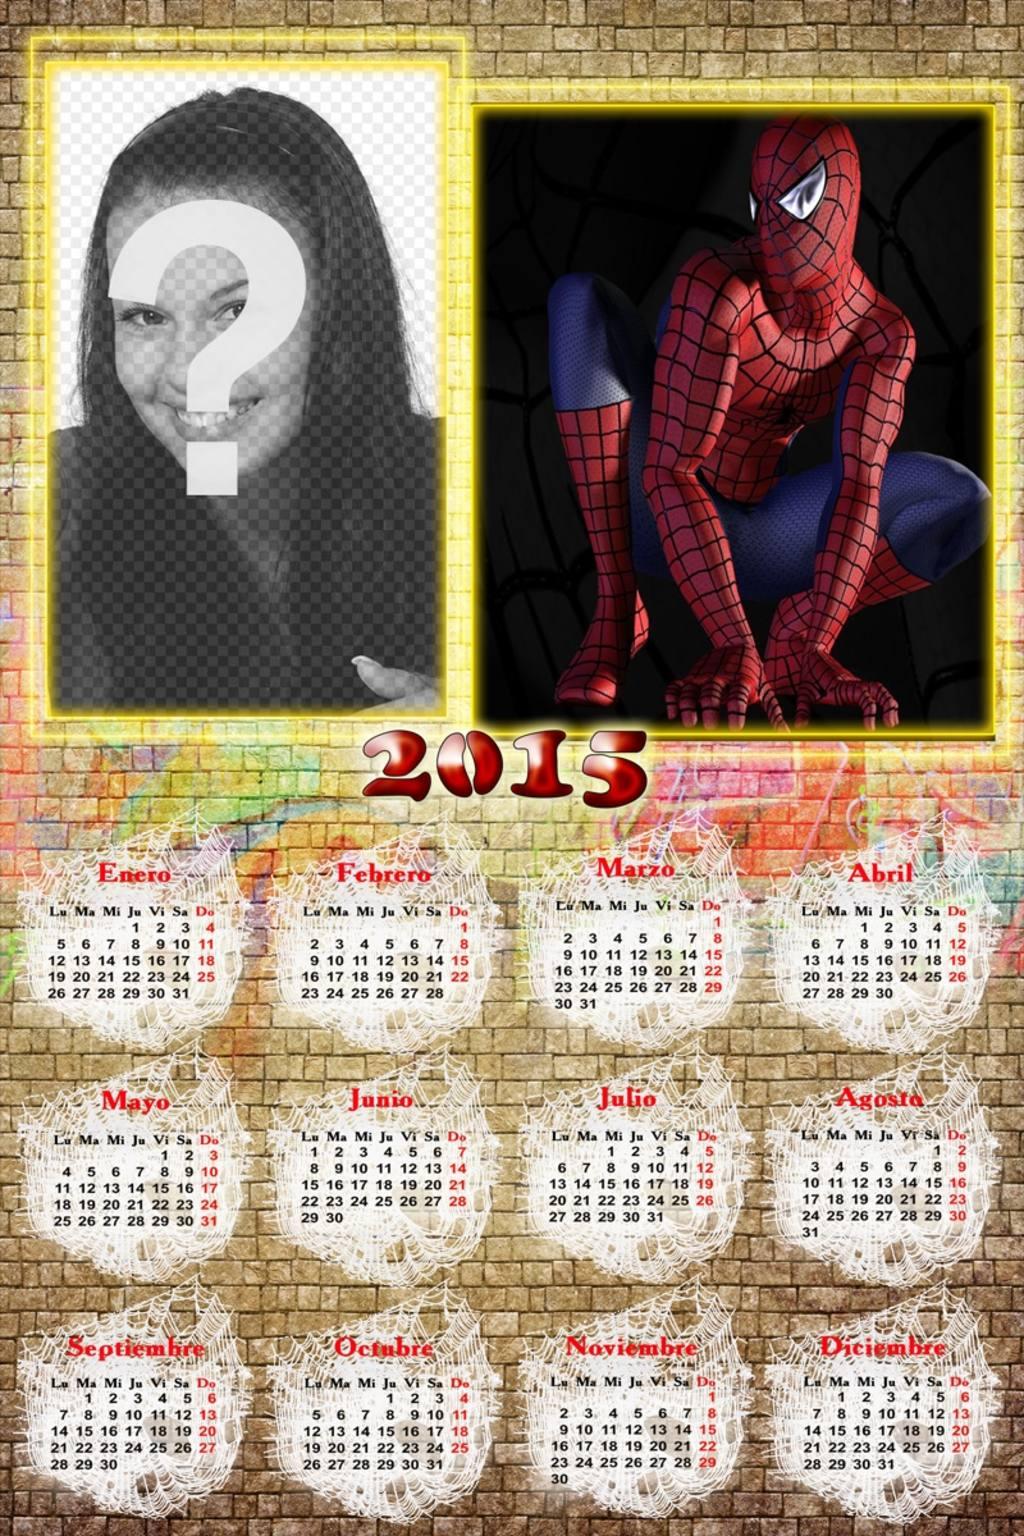 calendario 2015 spiderman foto justo lado